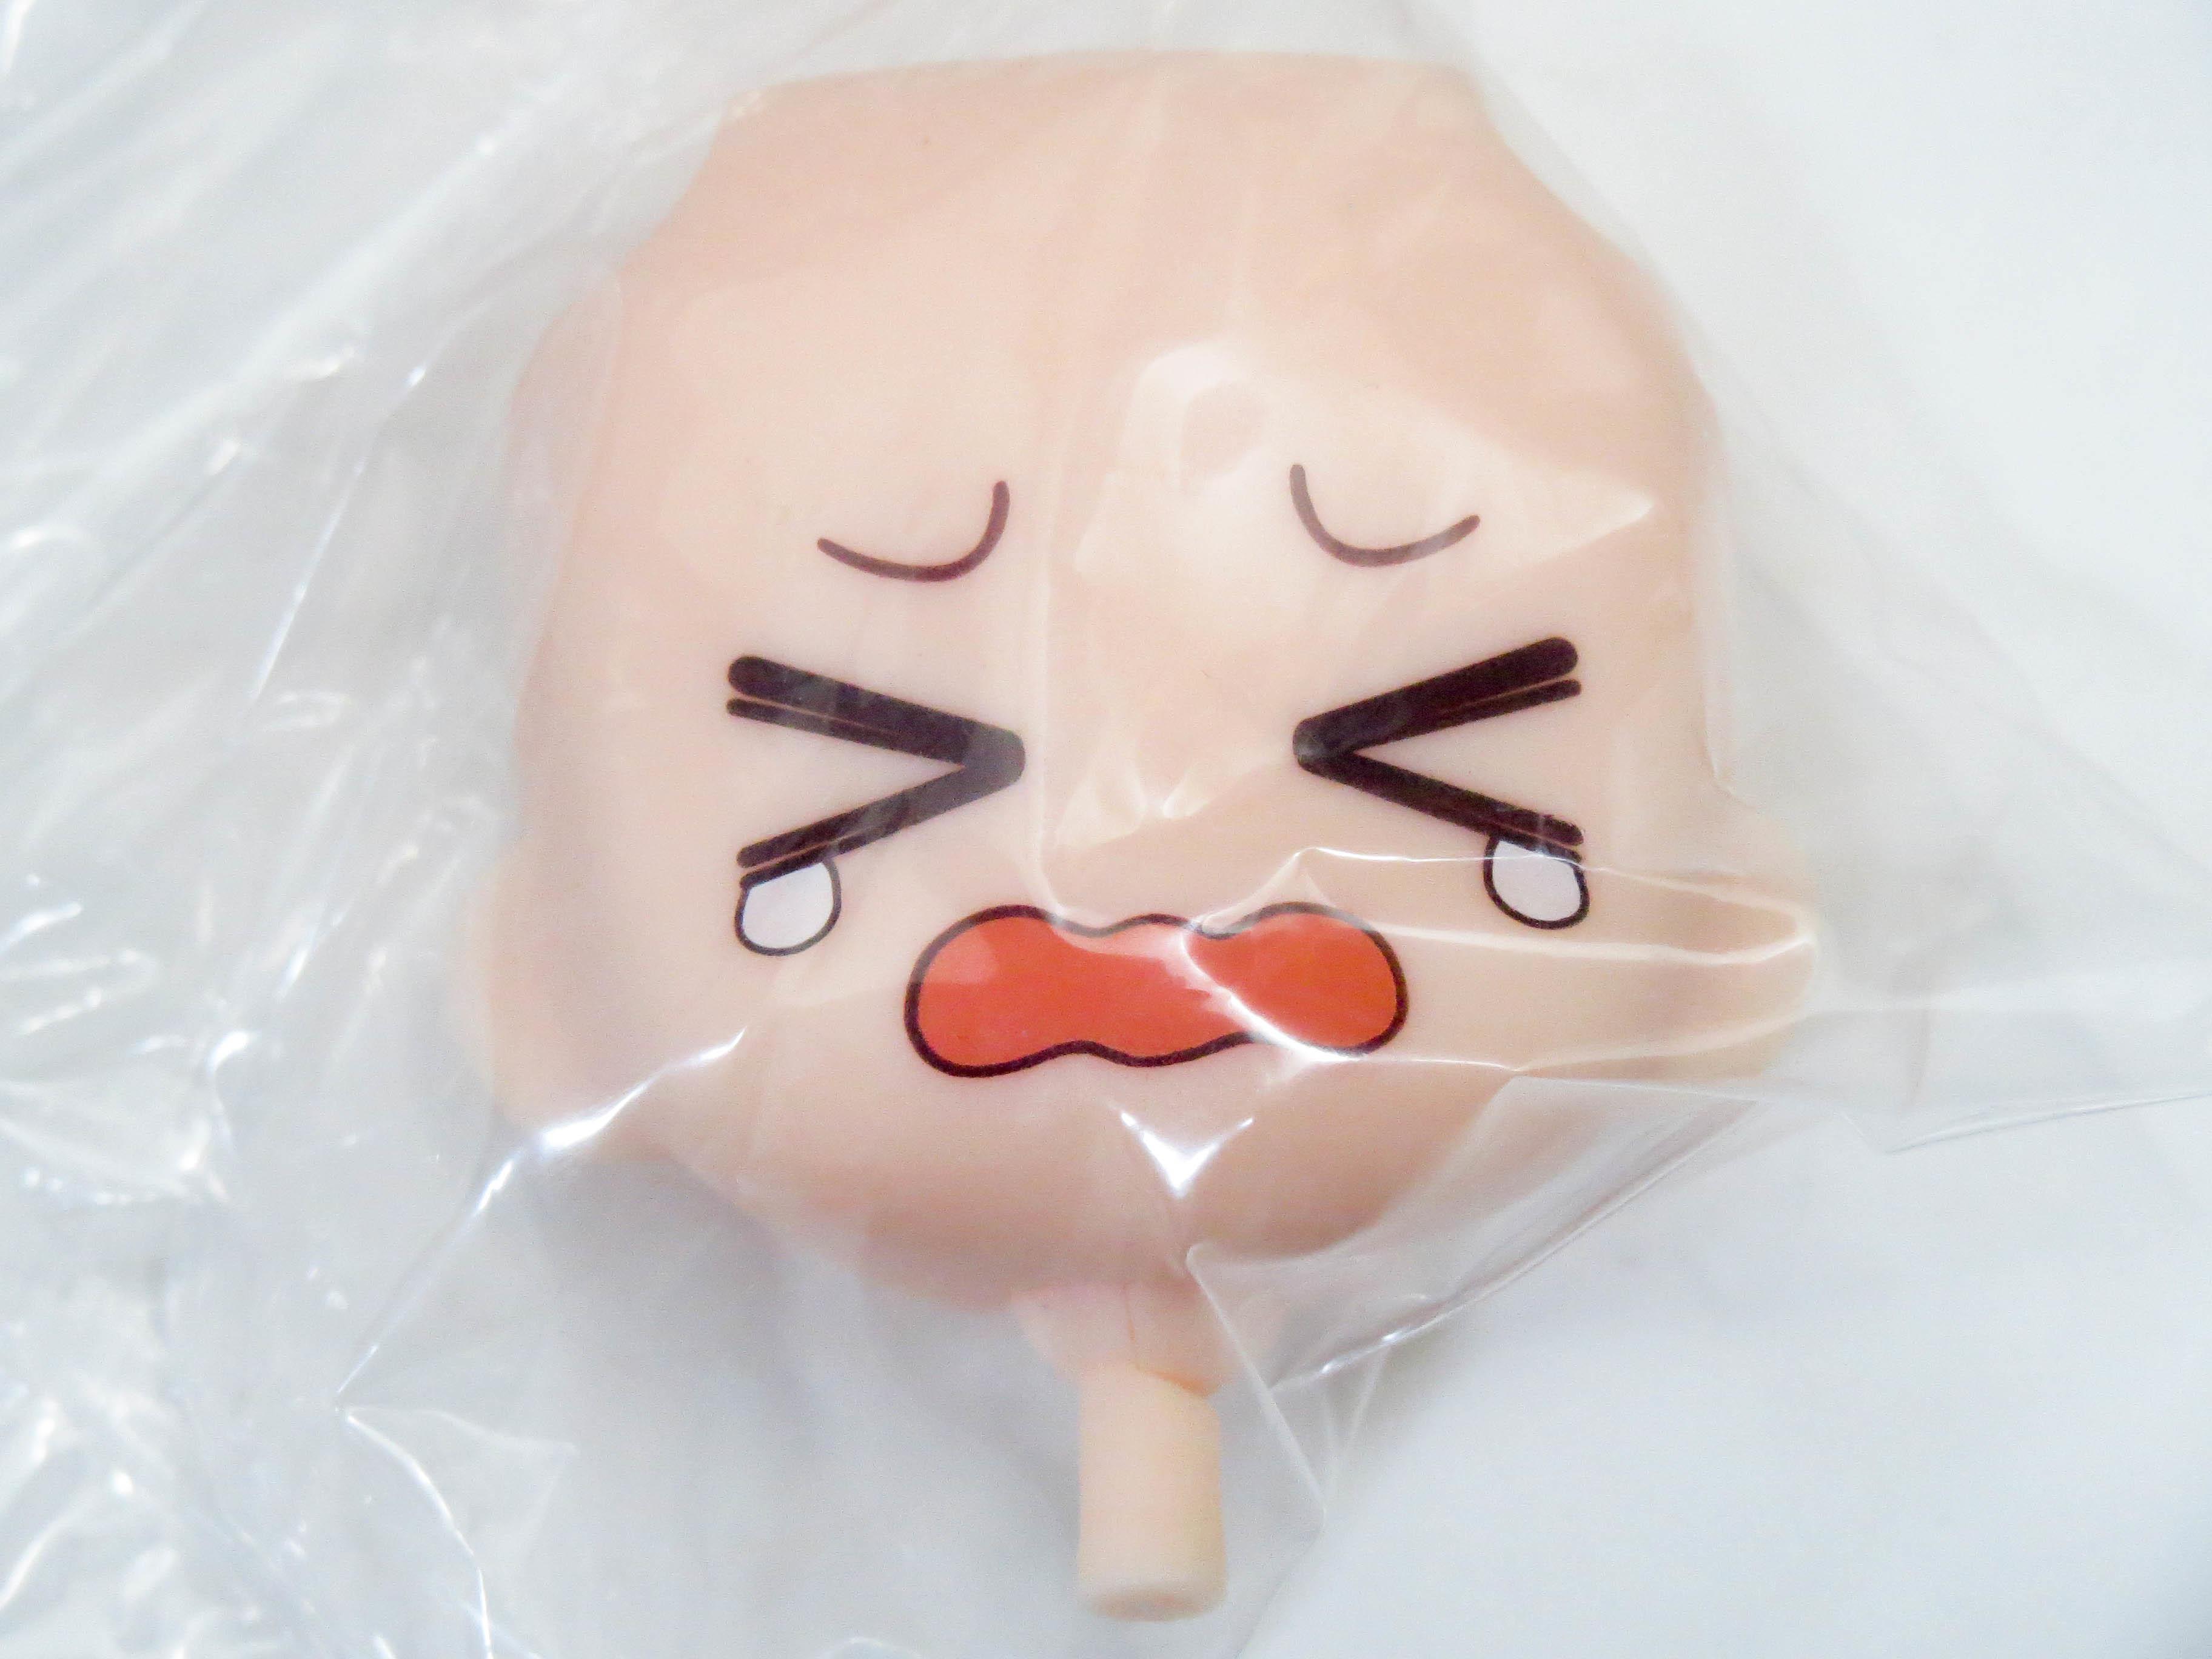 再入荷 ねんどろいどもあ 01&02セレクション 顔パーツ 泣き怒顔 とりかえっこフェイス